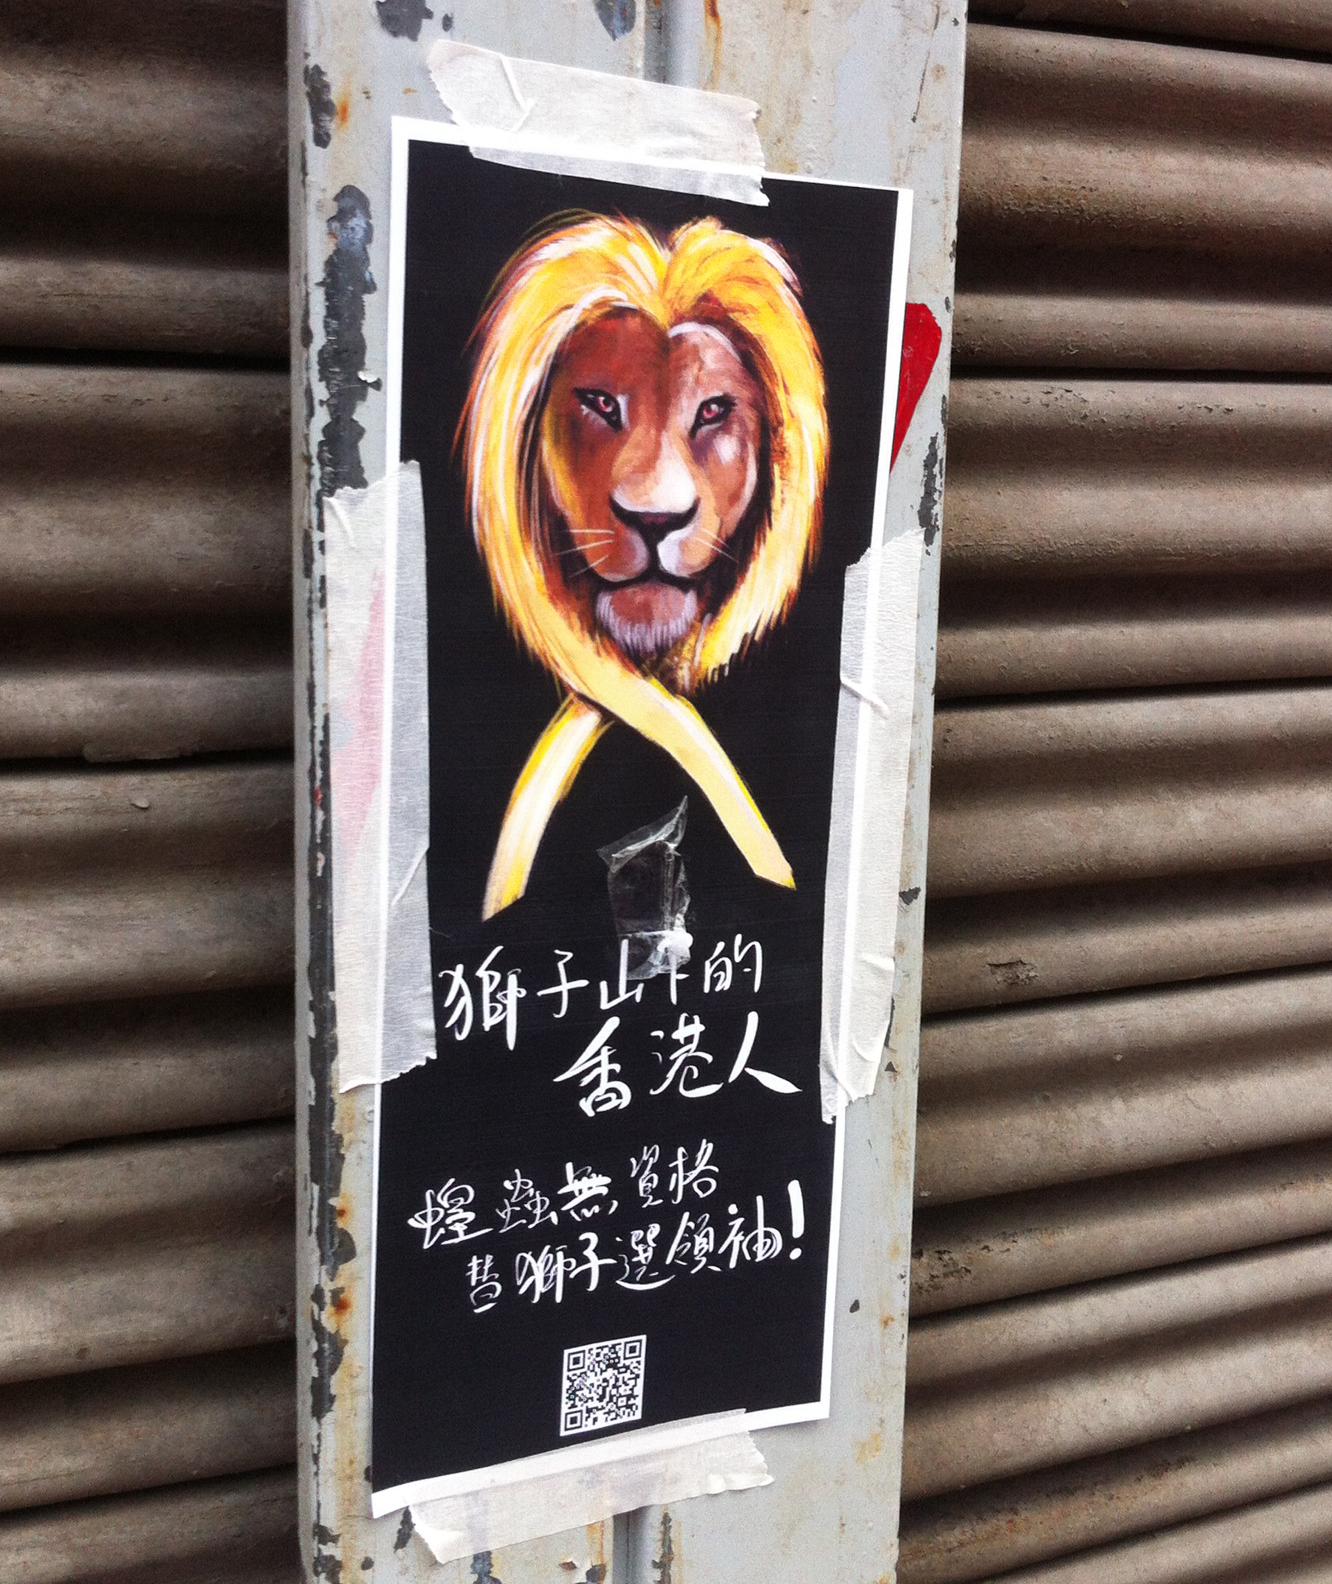 「蝗蟲」等赤裸裸的歧視語言充斥在香港本土派的話語中。(資料照片;攝影:張智琦)